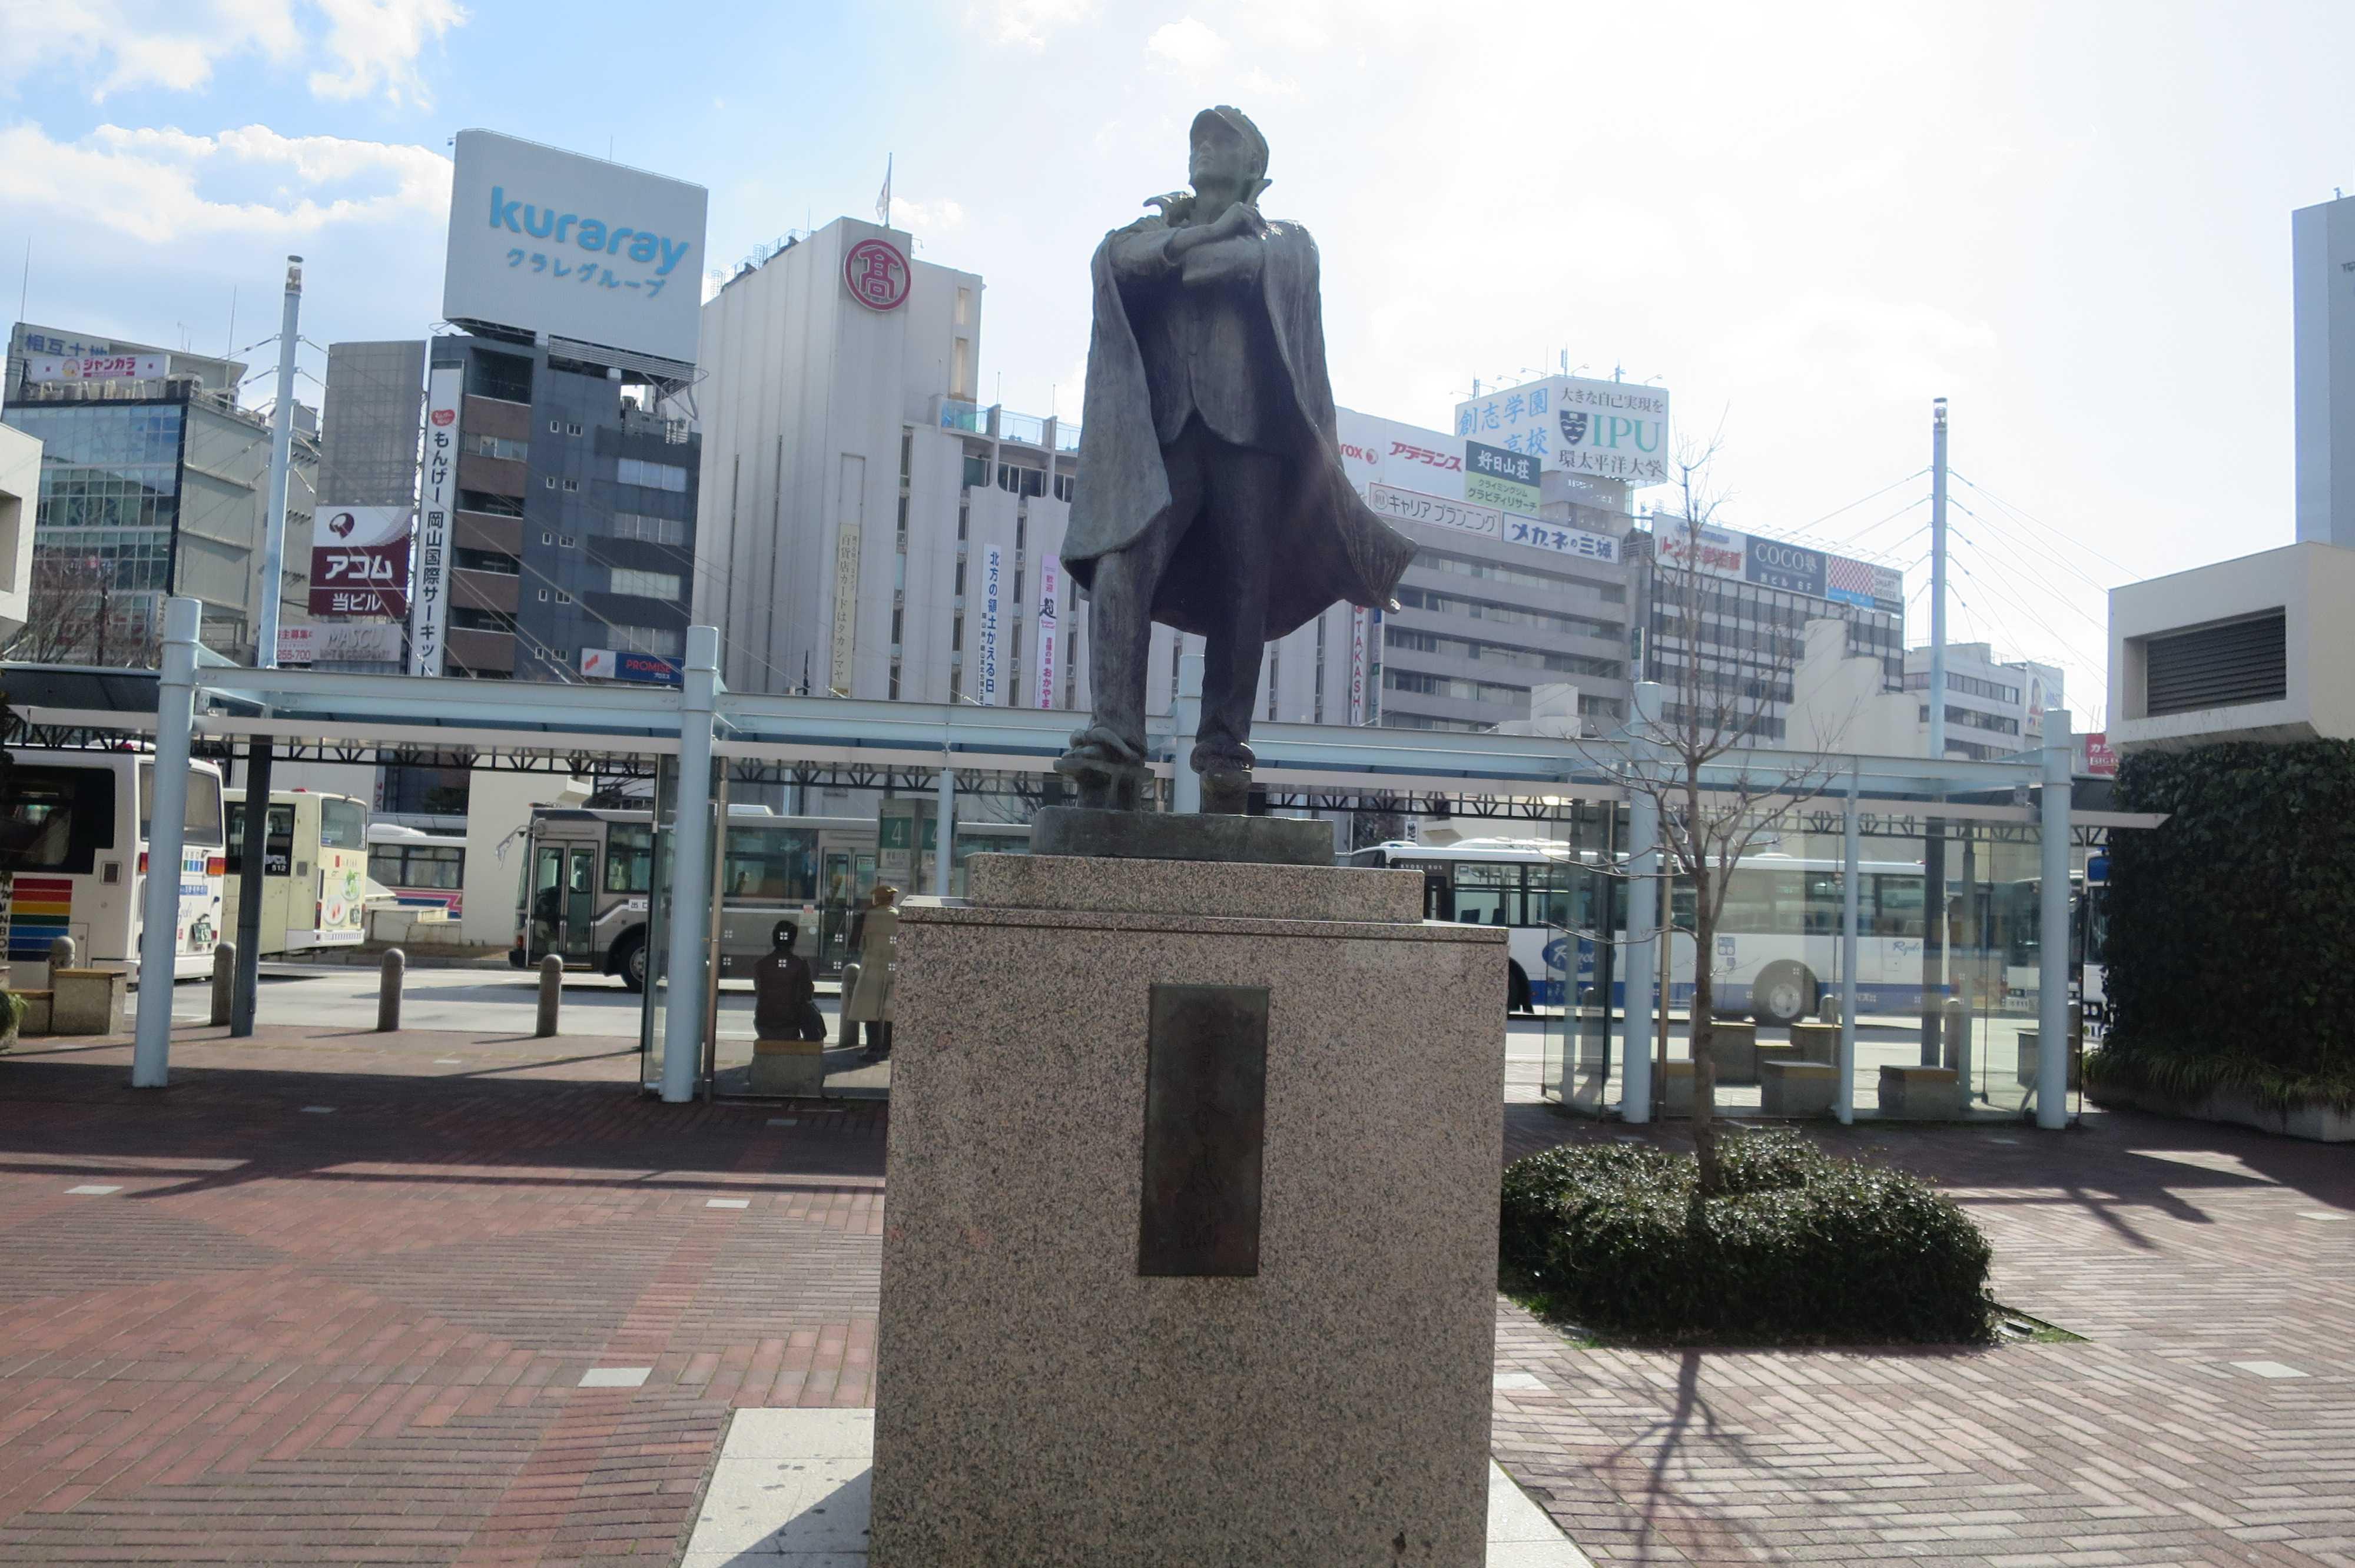 岡山駅前 - 台座に「青春感謝」と刻まれた高ゲタ黒マントの六高生記念像。